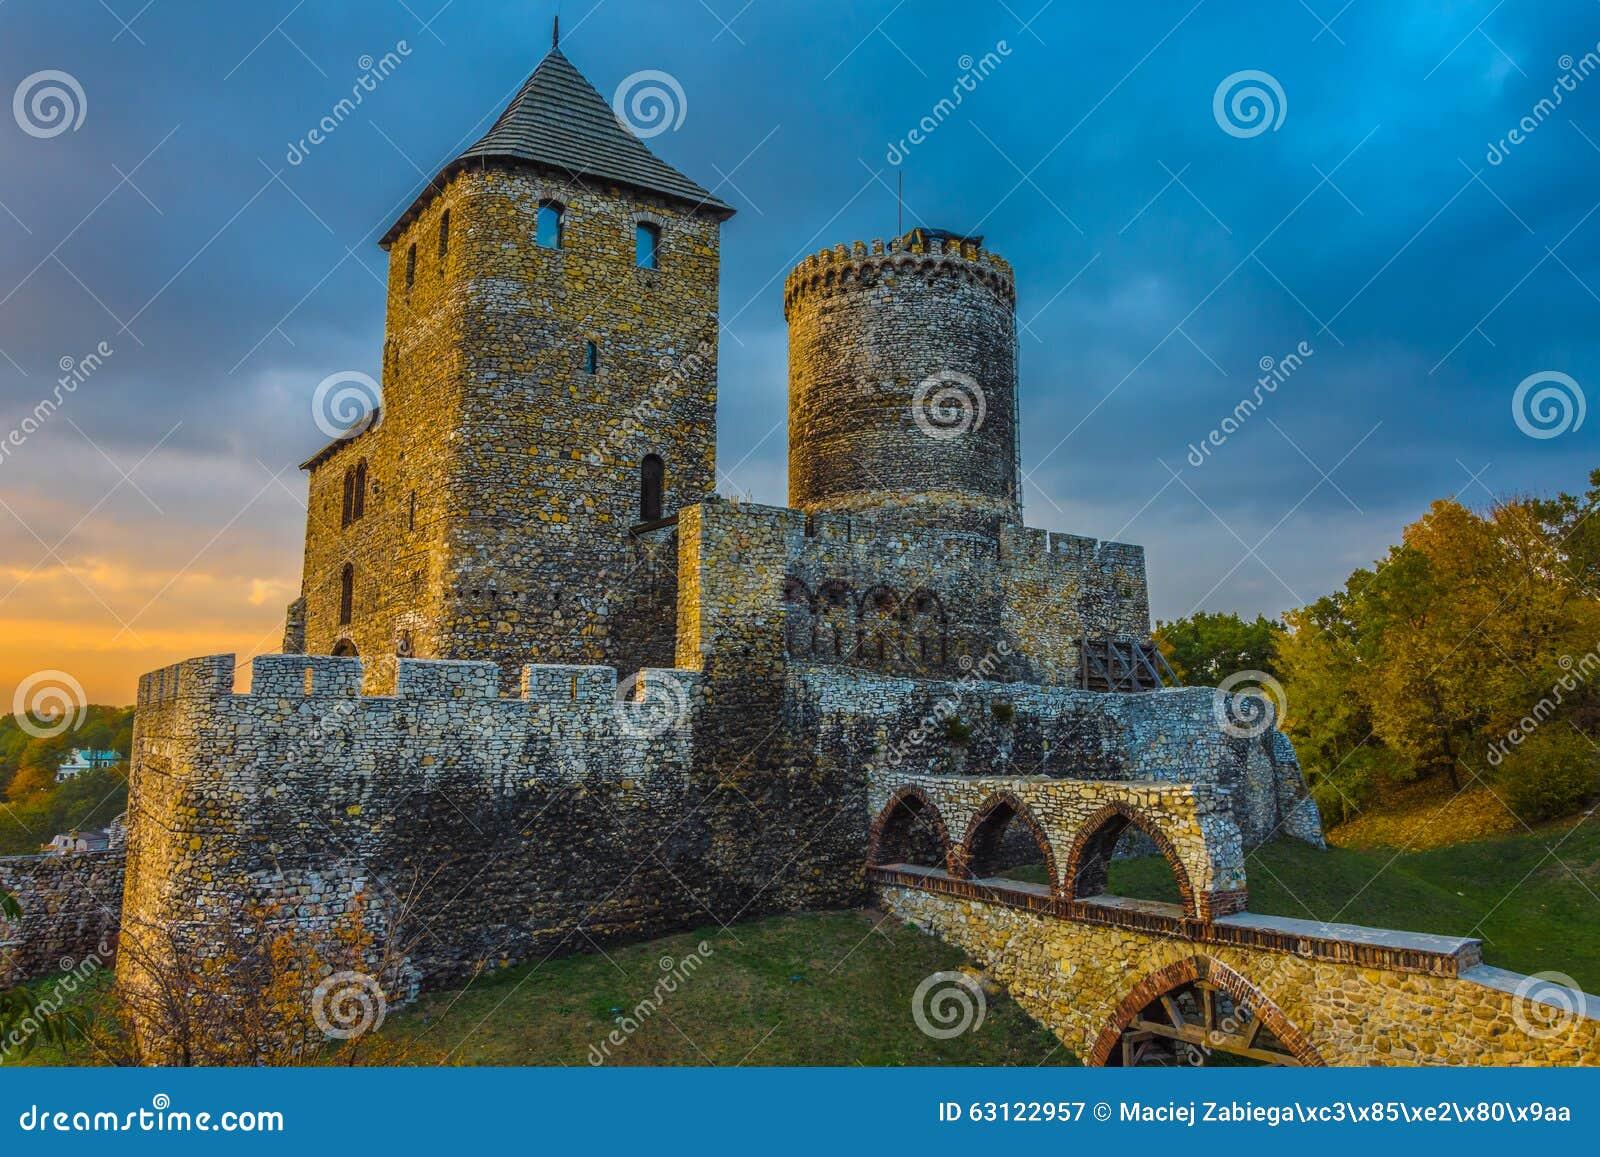 castle bedzin poland medieval - photo #20